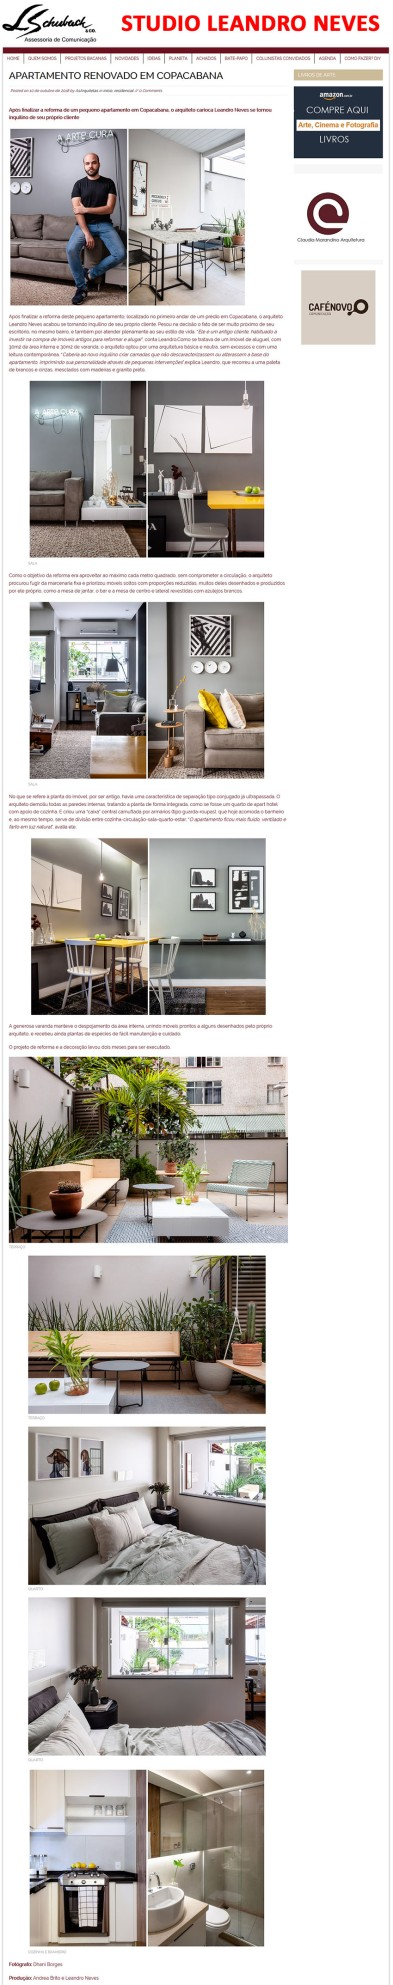 Projeto do arquiteto LEANDRO NEVES no site As Arquitetas em 10 de outubro de 2018